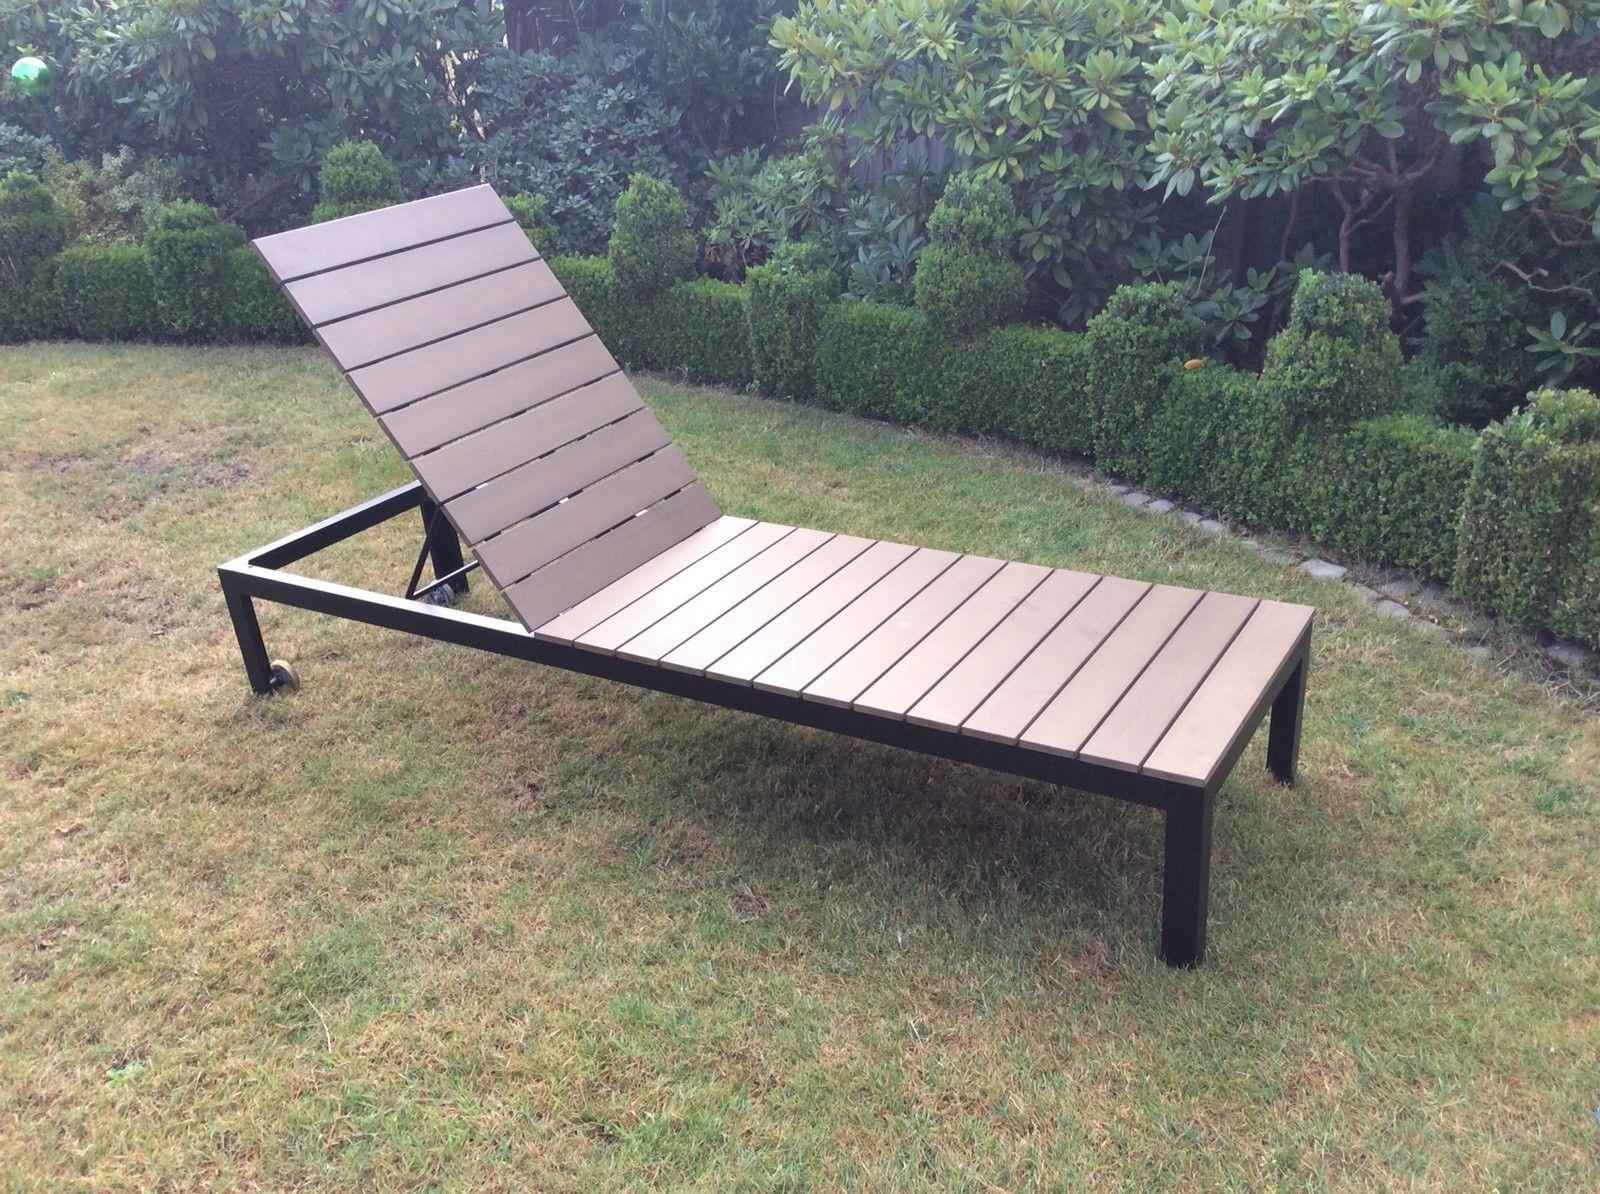 Full Size of Sonnenliege Ikea Falster Stylische Designer Betten 160x200 Modulküche Miniküche Sofa Mit Schlaffunktion Küche Kosten Bei Kaufen Wohnzimmer Sonnenliege Ikea